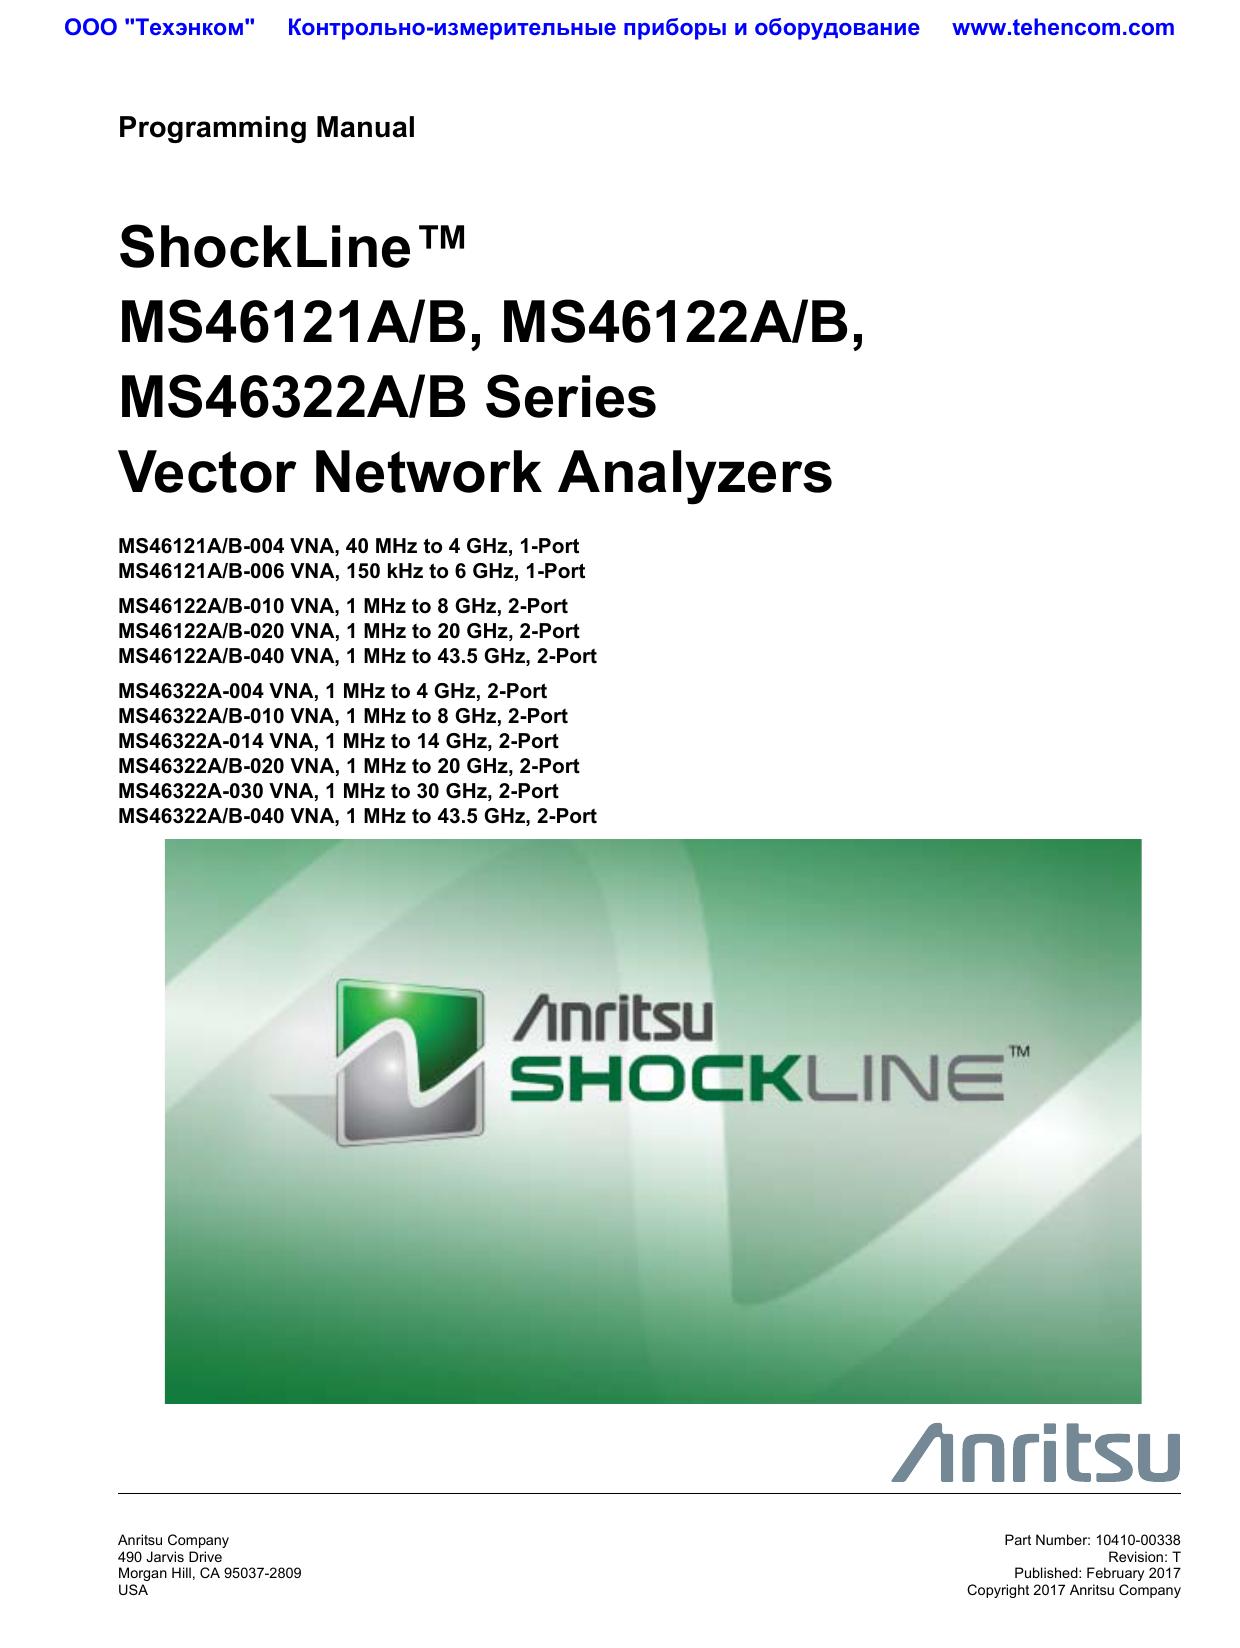 Anritsu ShockLine MS46122A | manualzz com